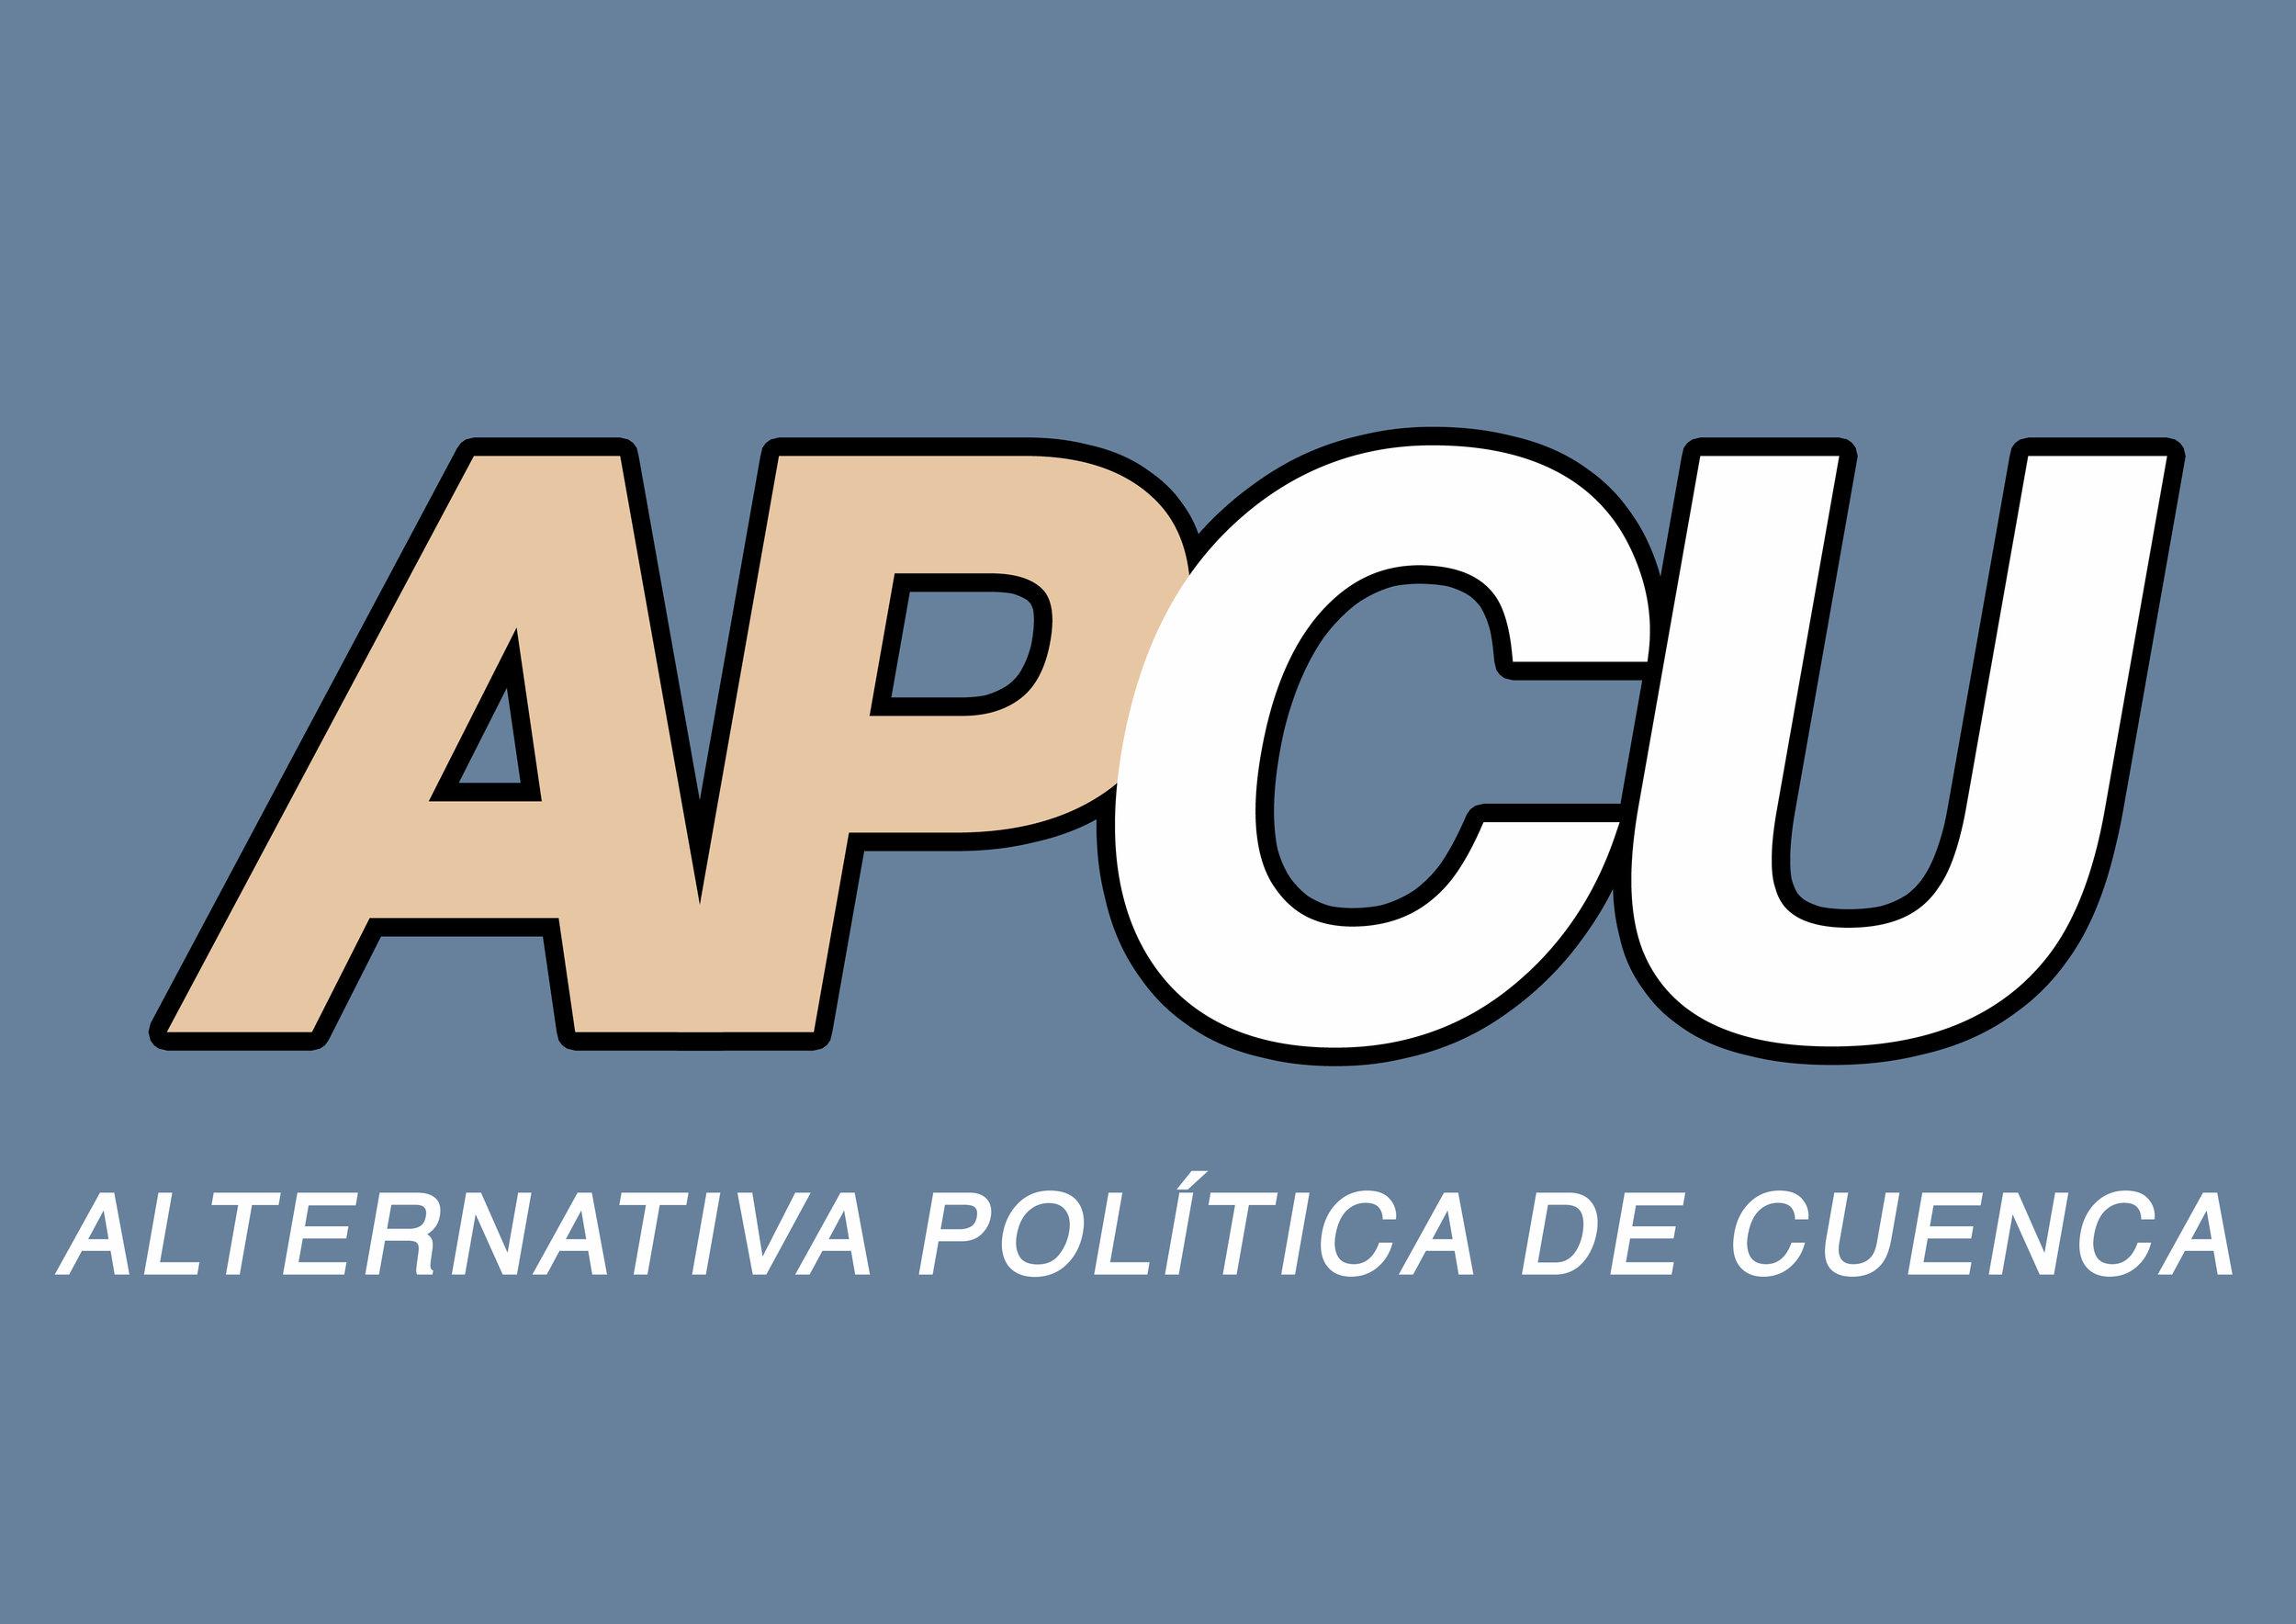 APCU.jpg